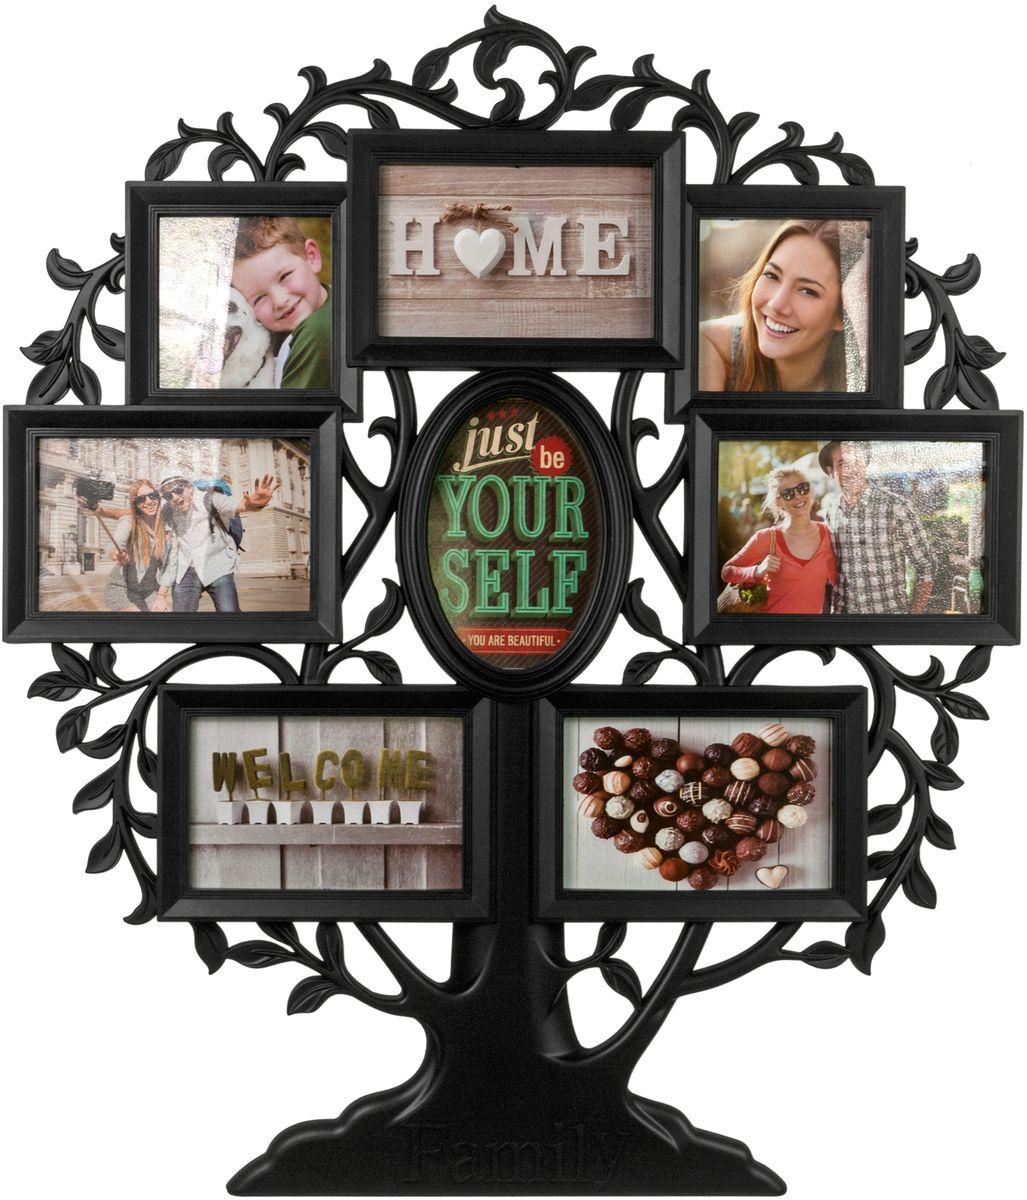 Фоторамка Platinum Родословное дерево. Family, цвет: черный, на 8 фото. BIN-1124063-B фоторамка platinum цвет белый на 8 фото 10 х 15 см bin 112187